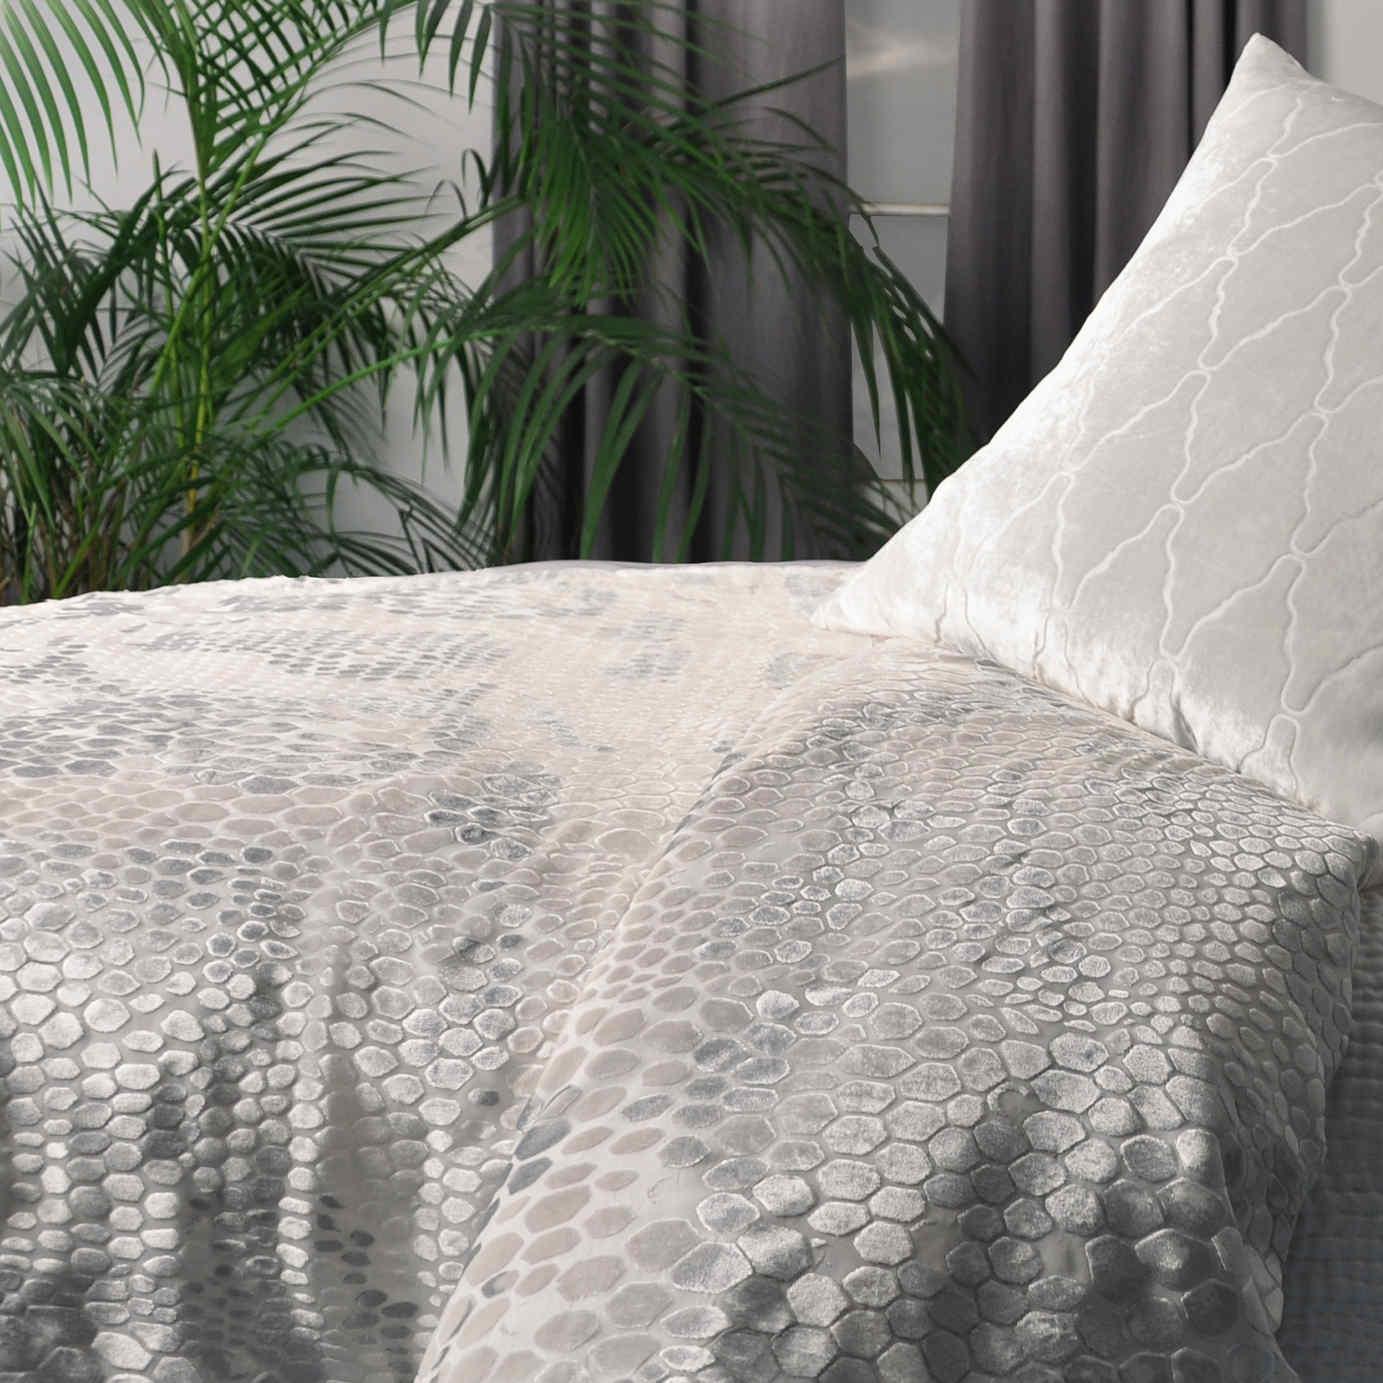 Kevin Obrien Studio Bedding Snakeskin White Velvet Bedding